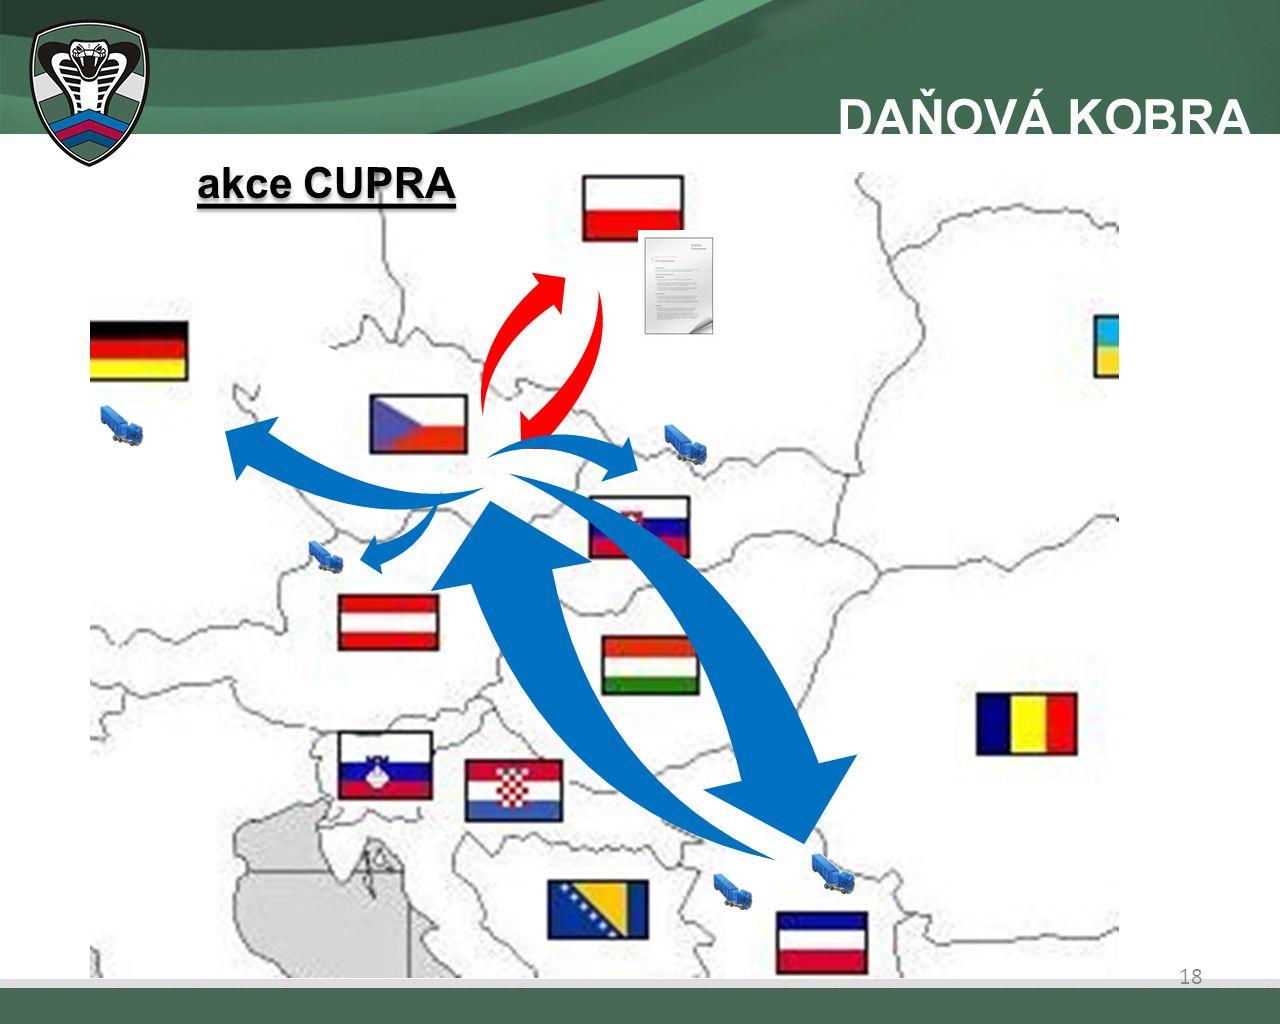 akce CUPRA 18